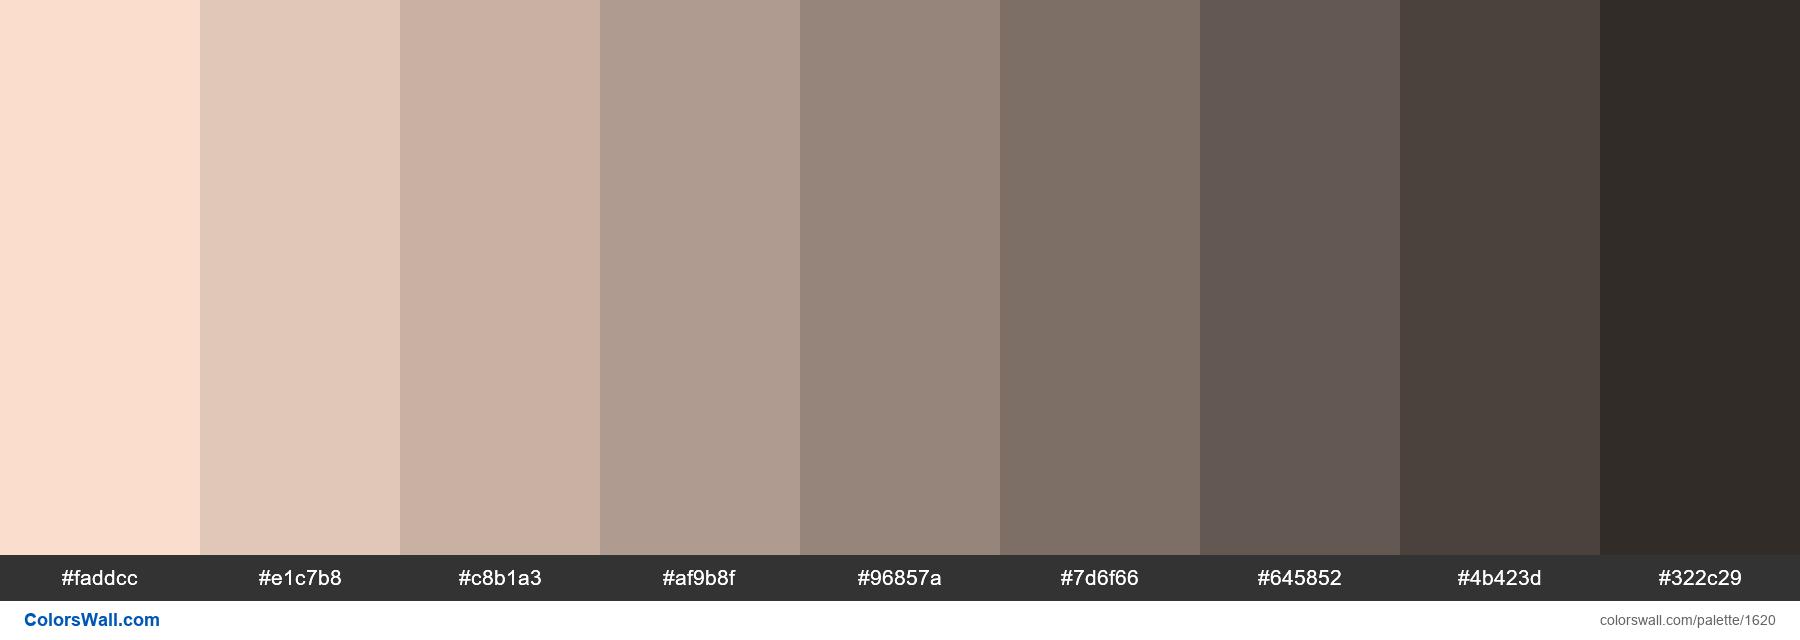 #colorswall palette #870 - #1620